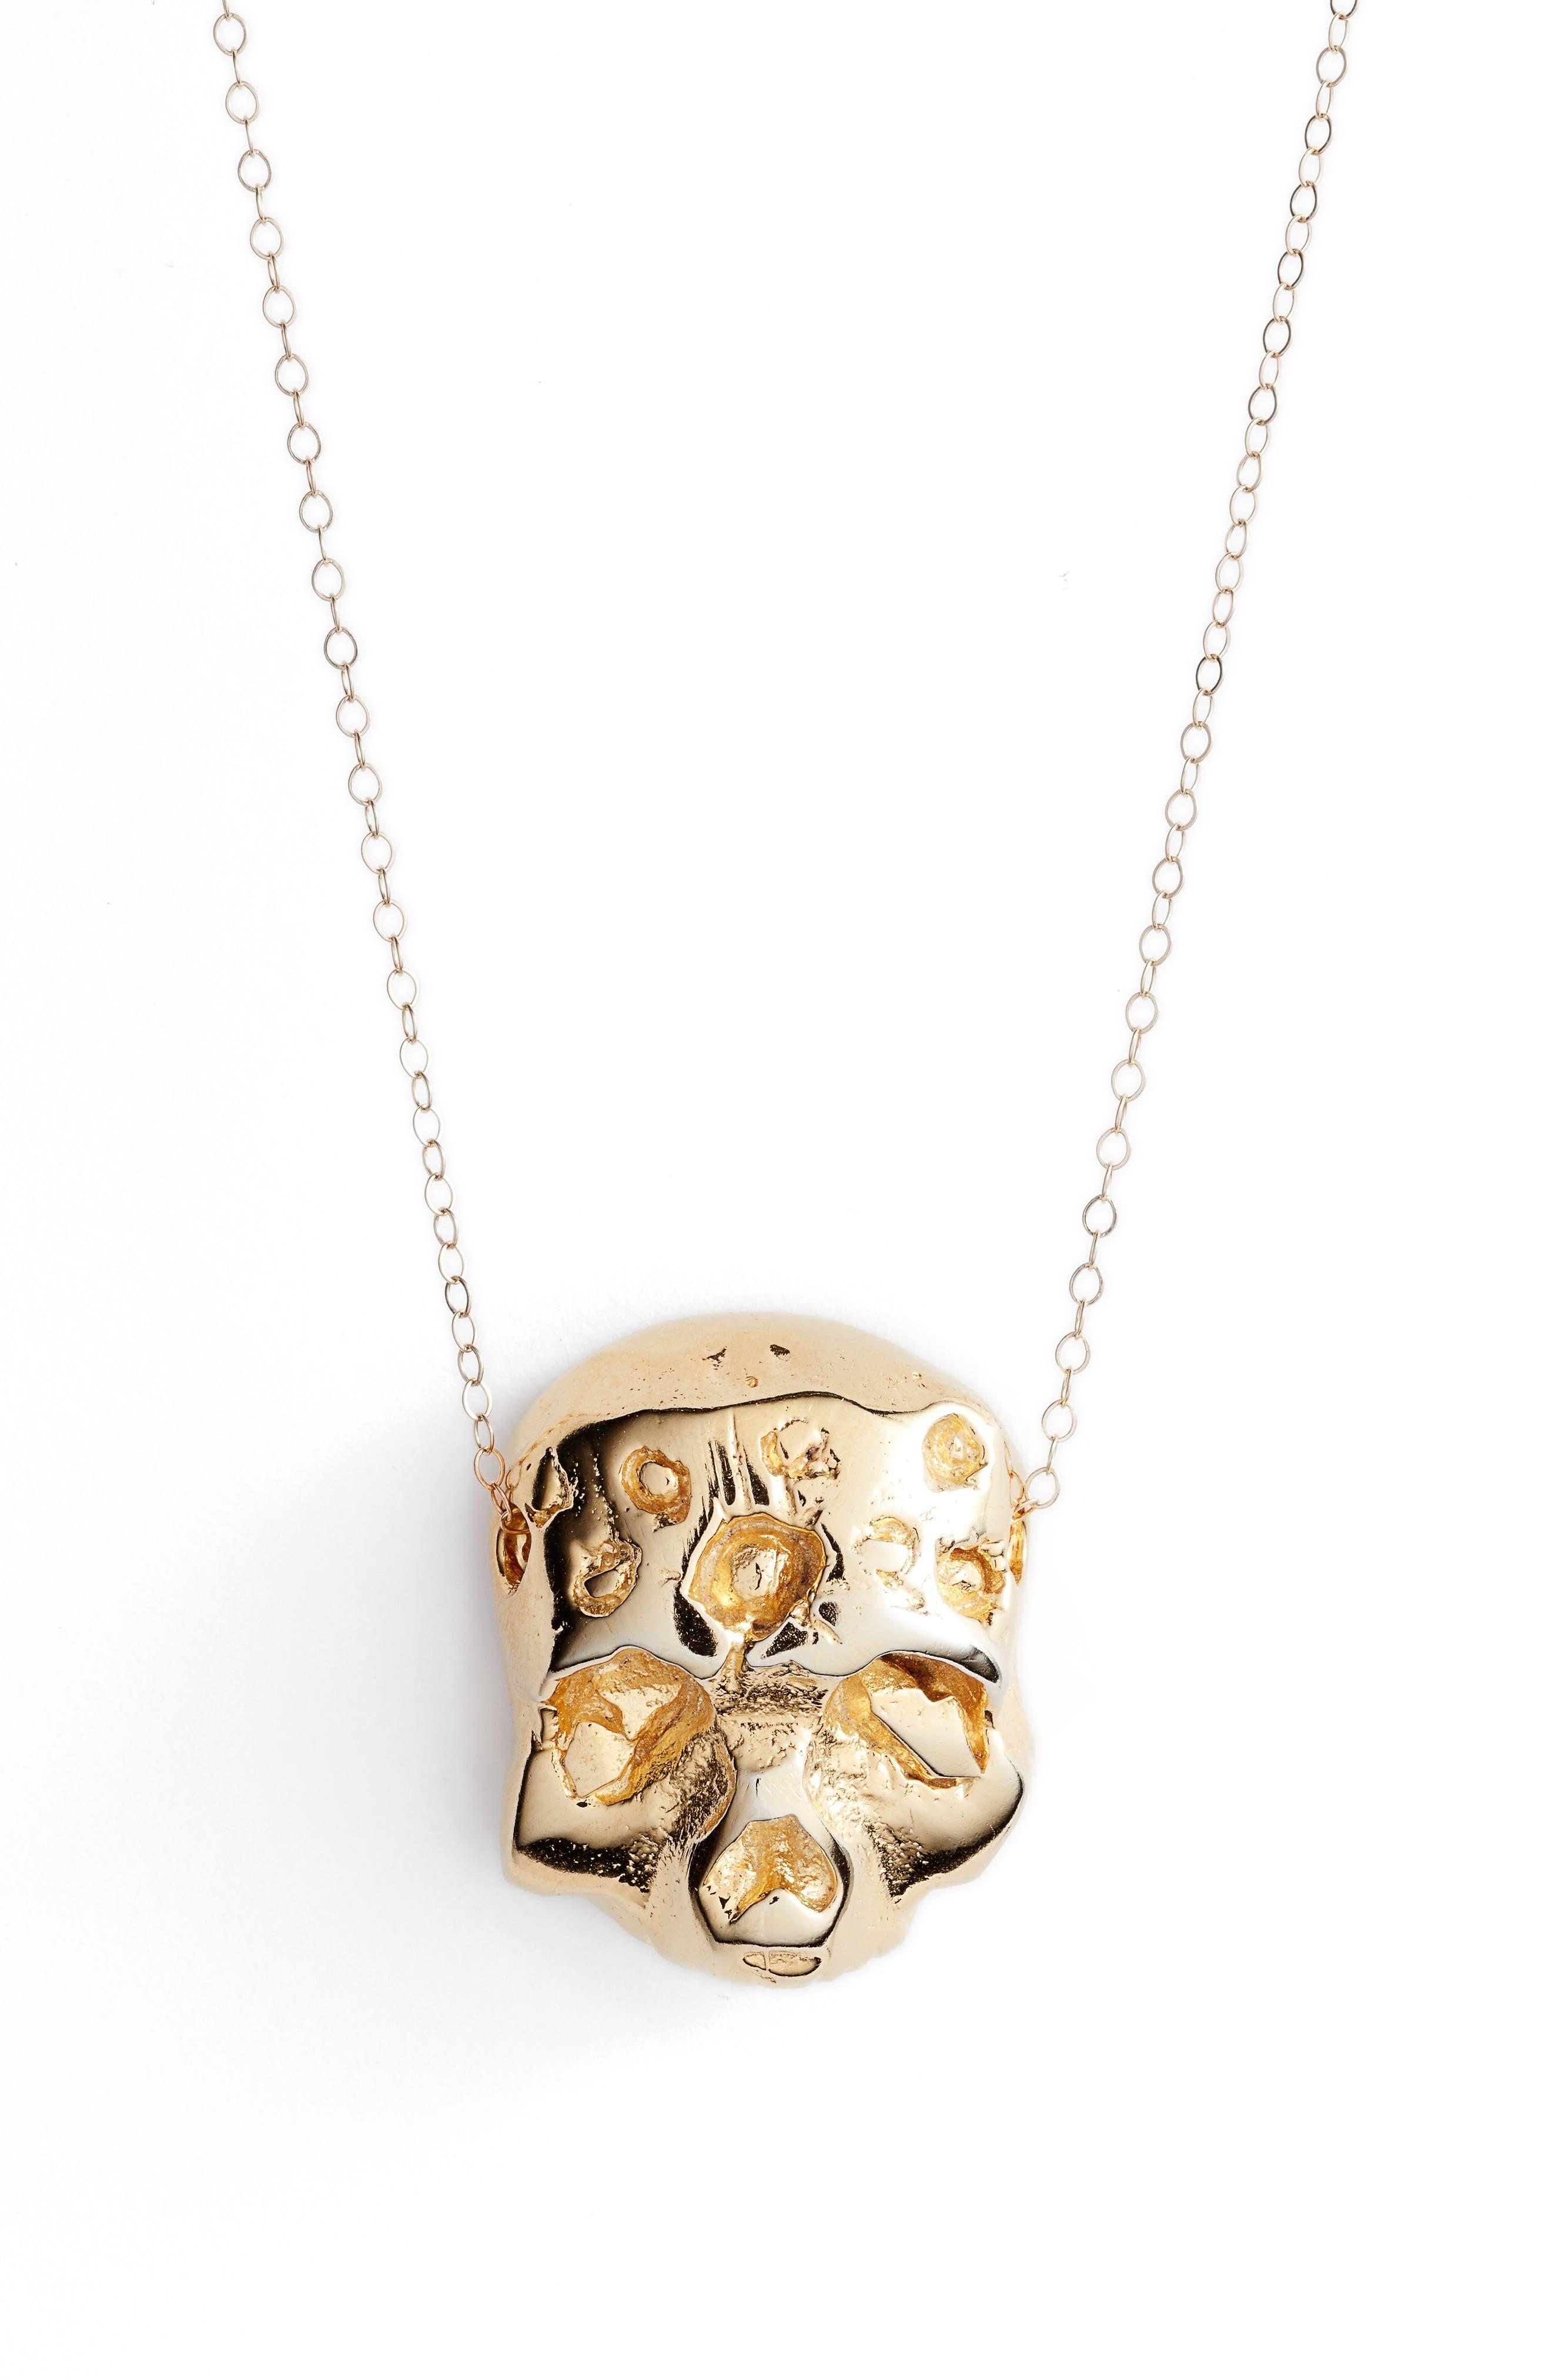 Britt Bolton Zombie Pendant Necklace